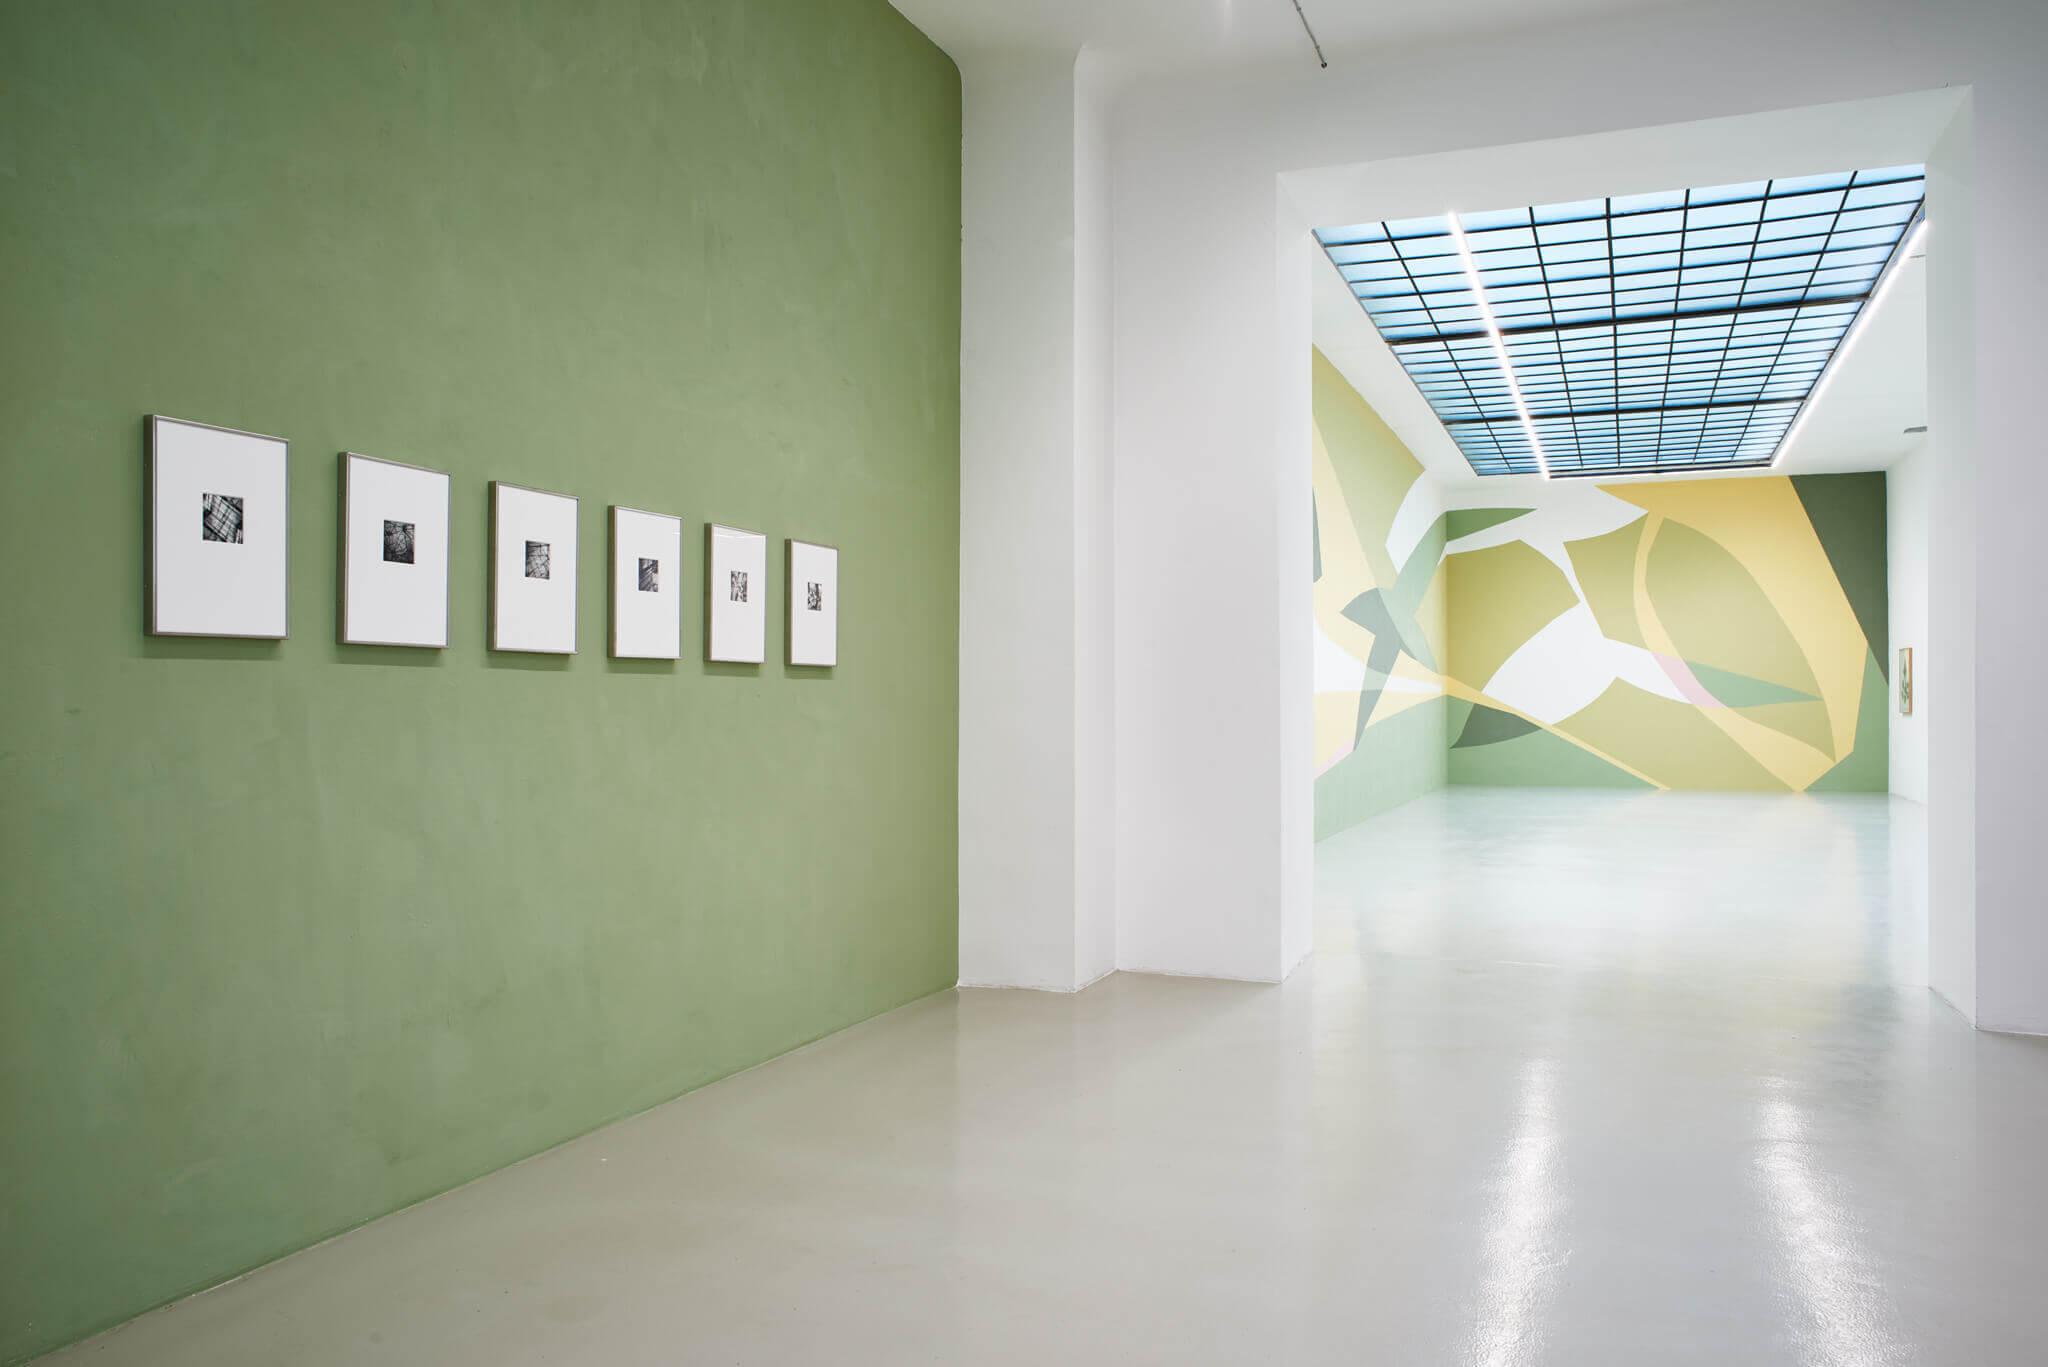 02_Frauke Dannert_Collage_Ausstellung_Folie_Galerie Lisa Kandlhofer_Wien_2018